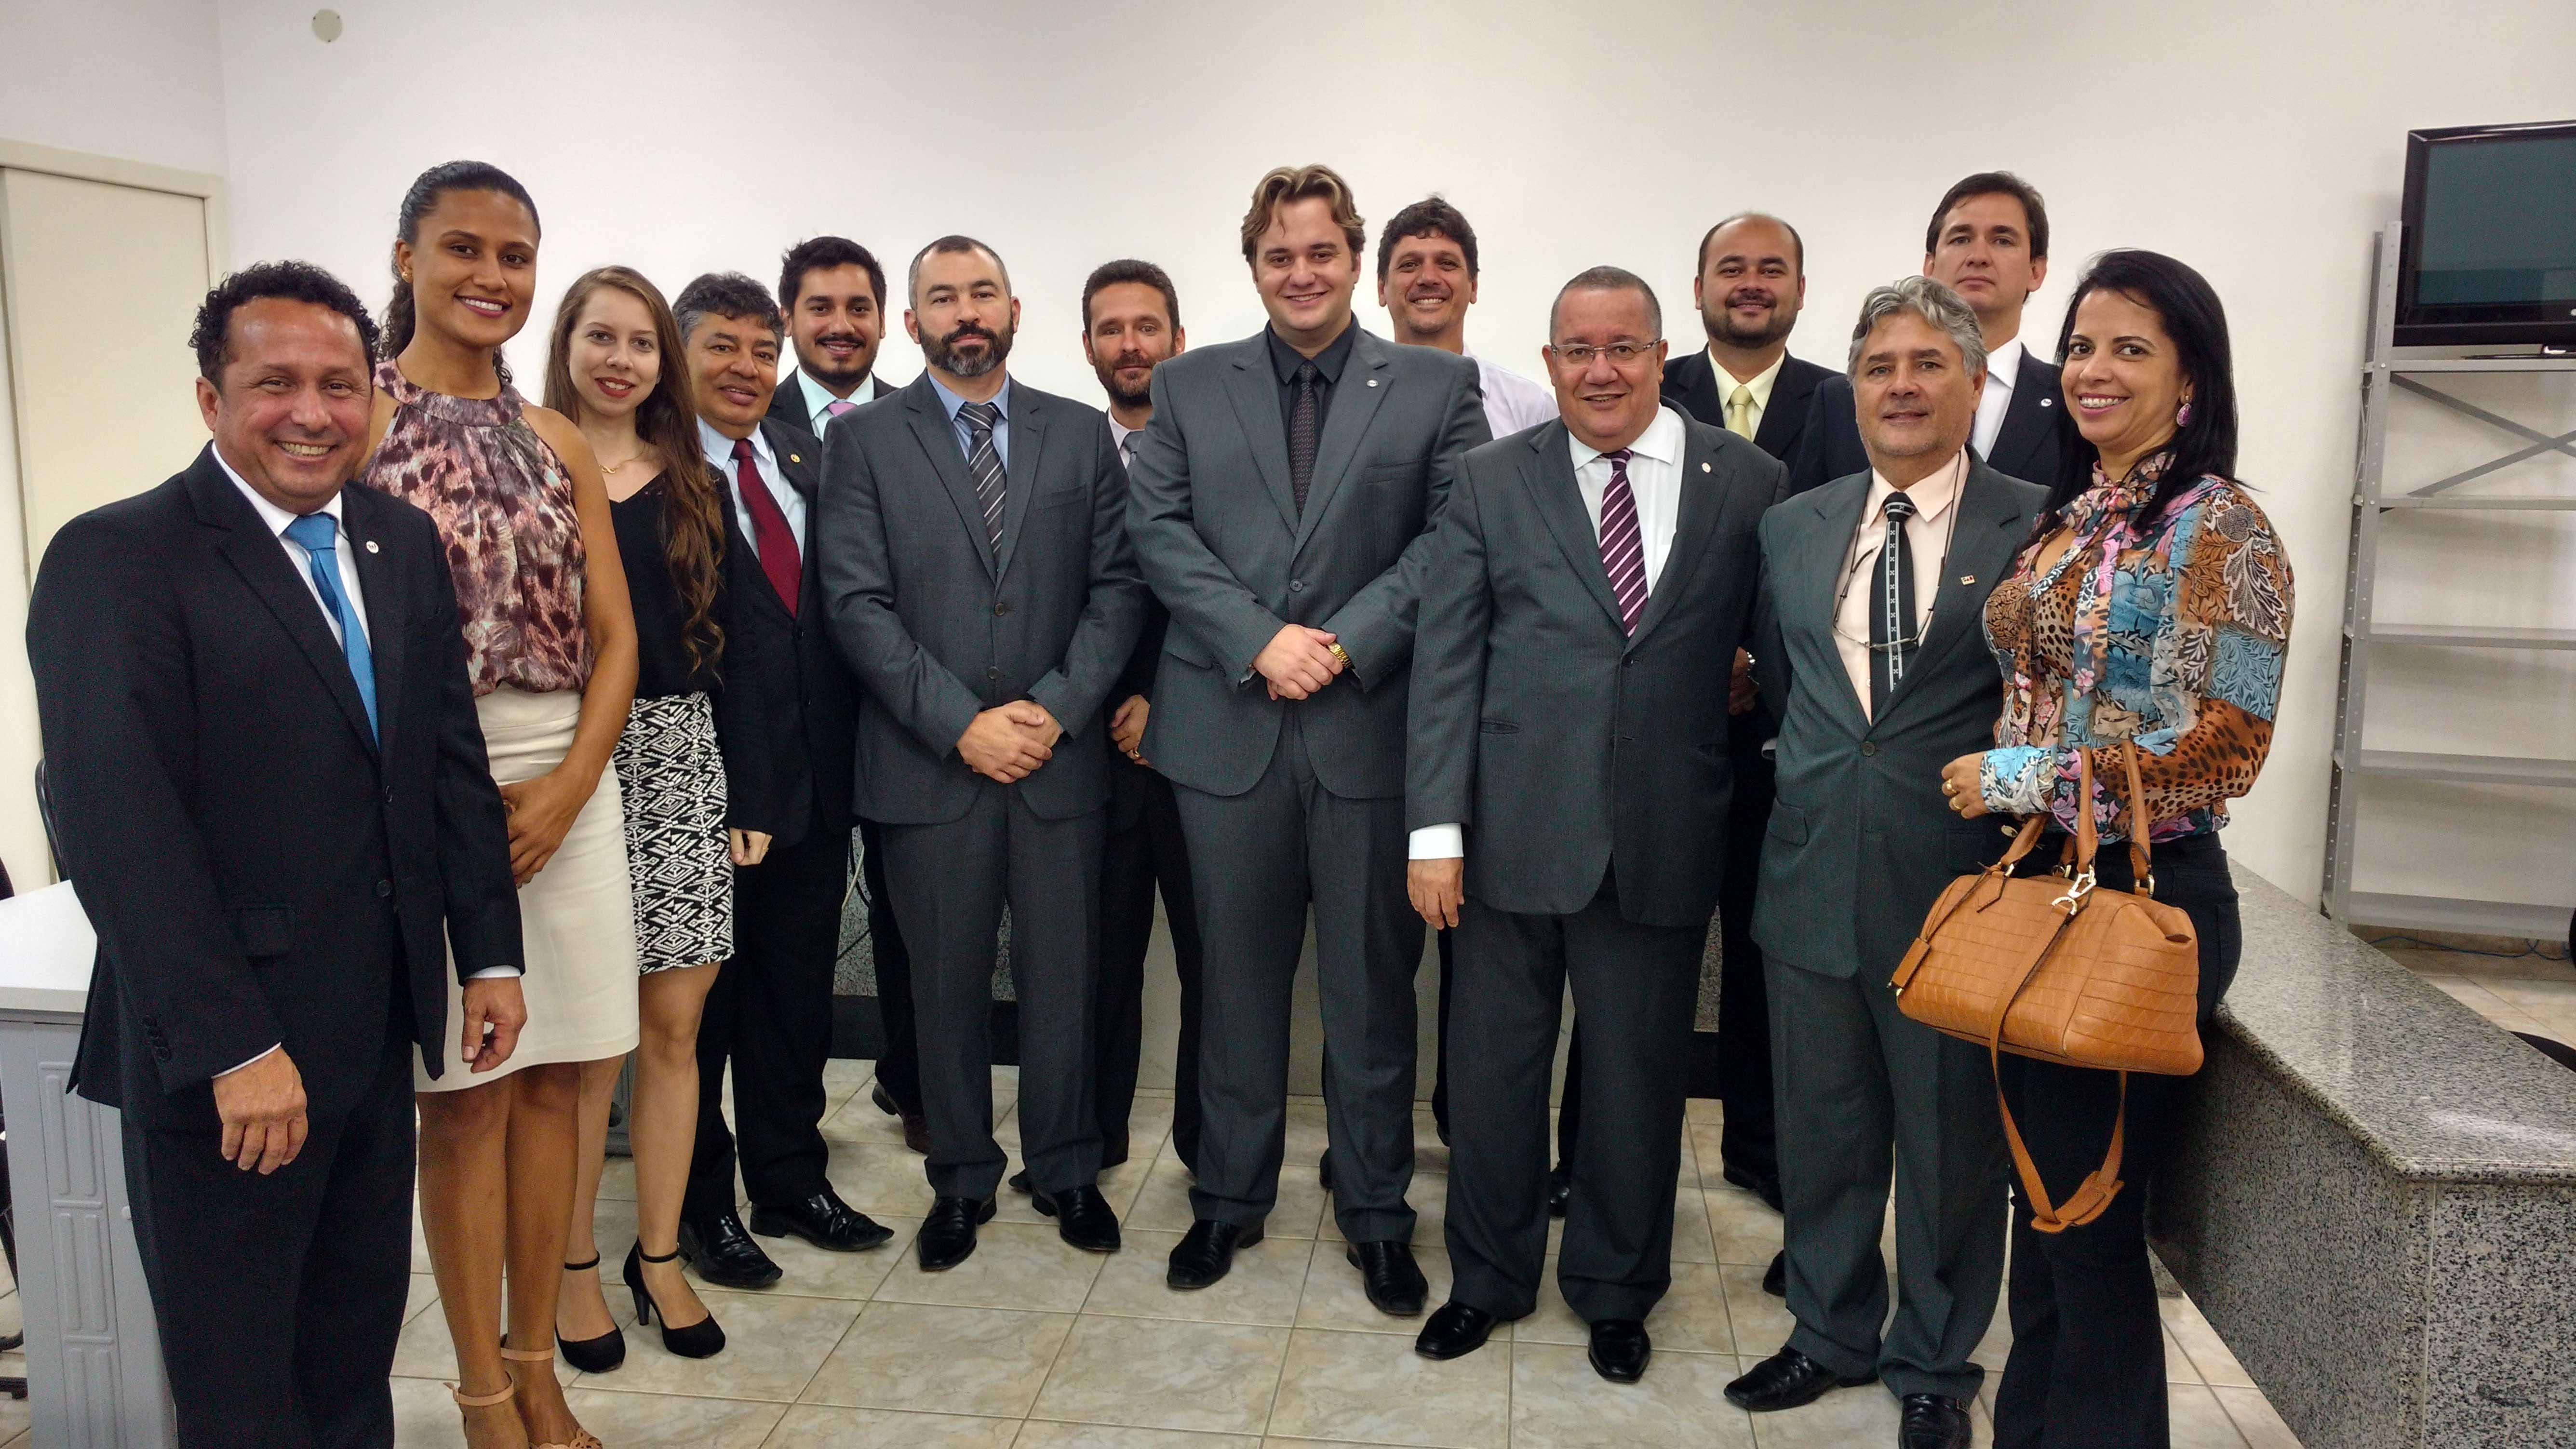 Inauguração da Sala de Apoio de Mantenópolis. Foto: Divulgação.